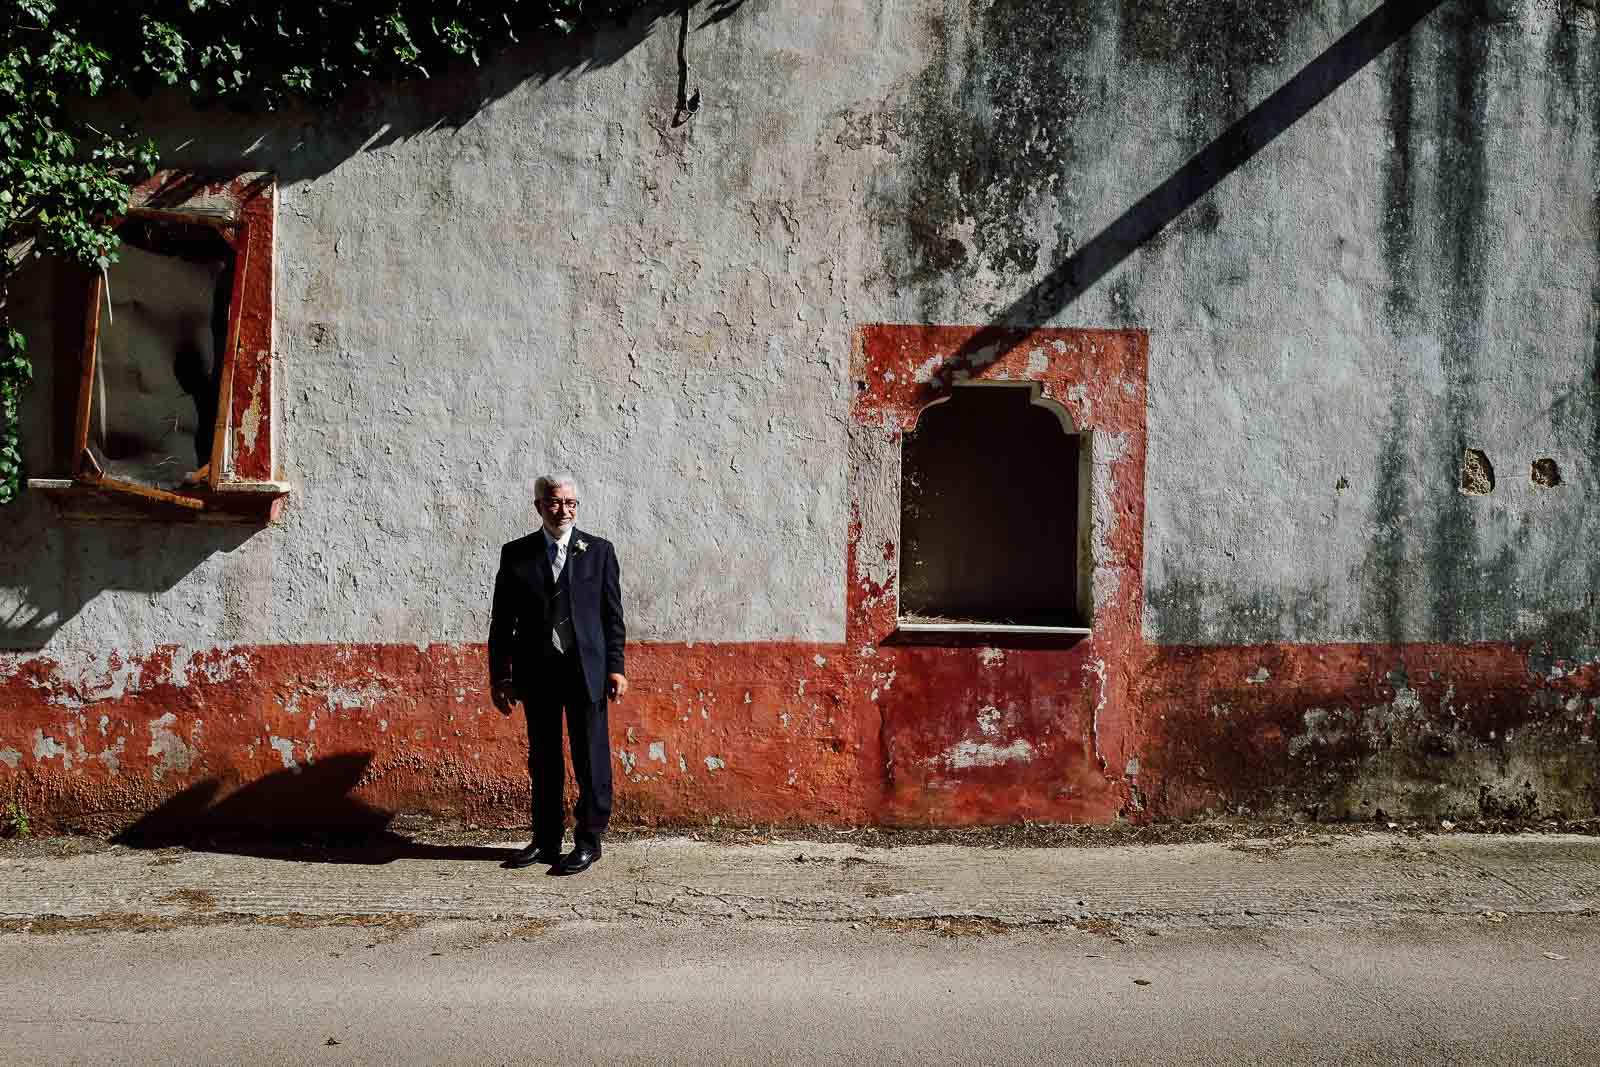 Il padre della sposa davanti casa. Max Allegritti, Fotografo Professionista di matrimonio a Milano e Monza chiara-e-macs-0021